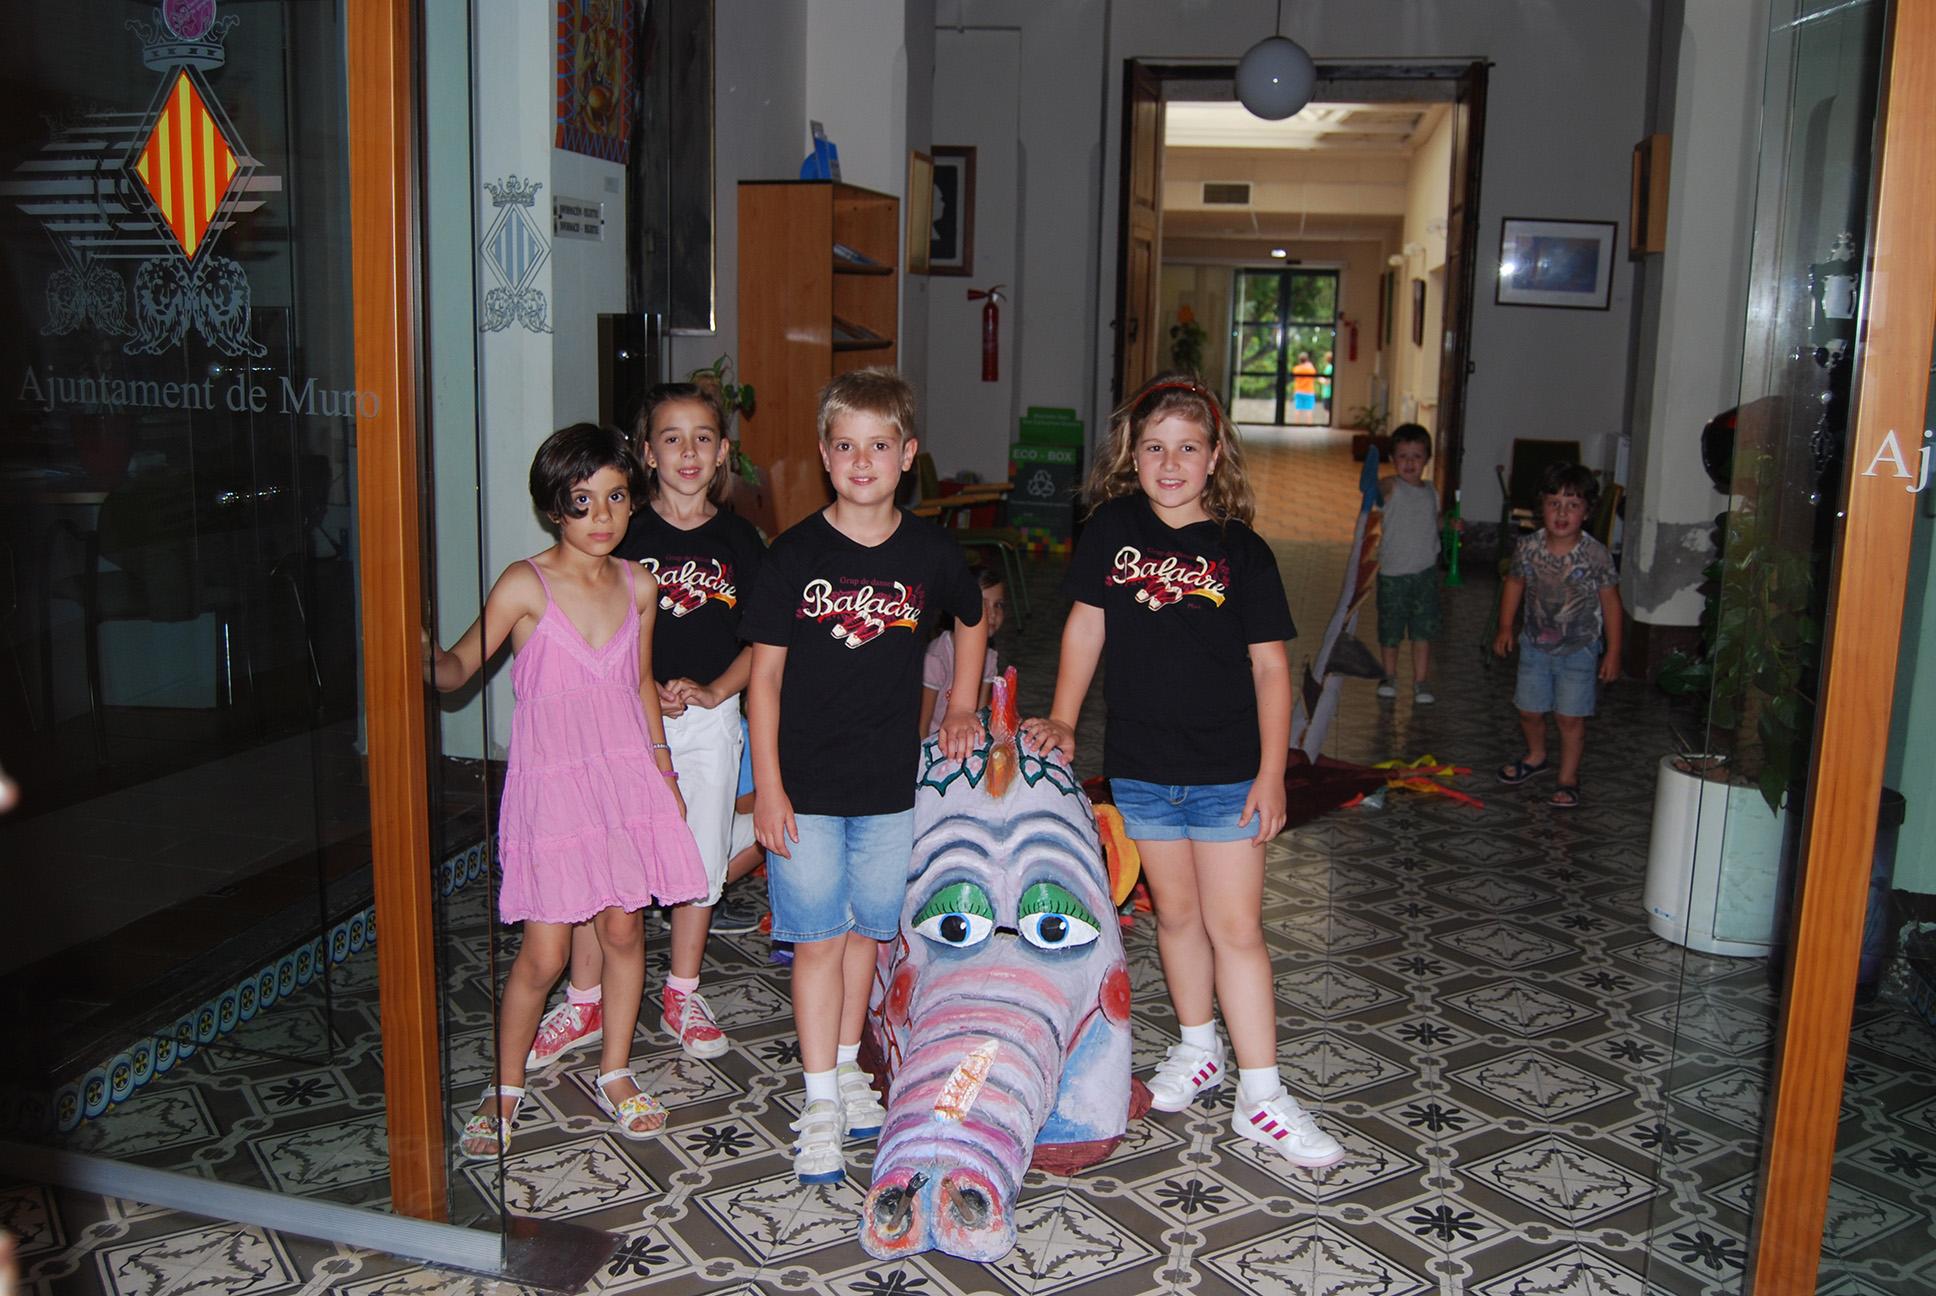 2014-06-13 Fi de curs menuts Baladre i Xafiga (12)